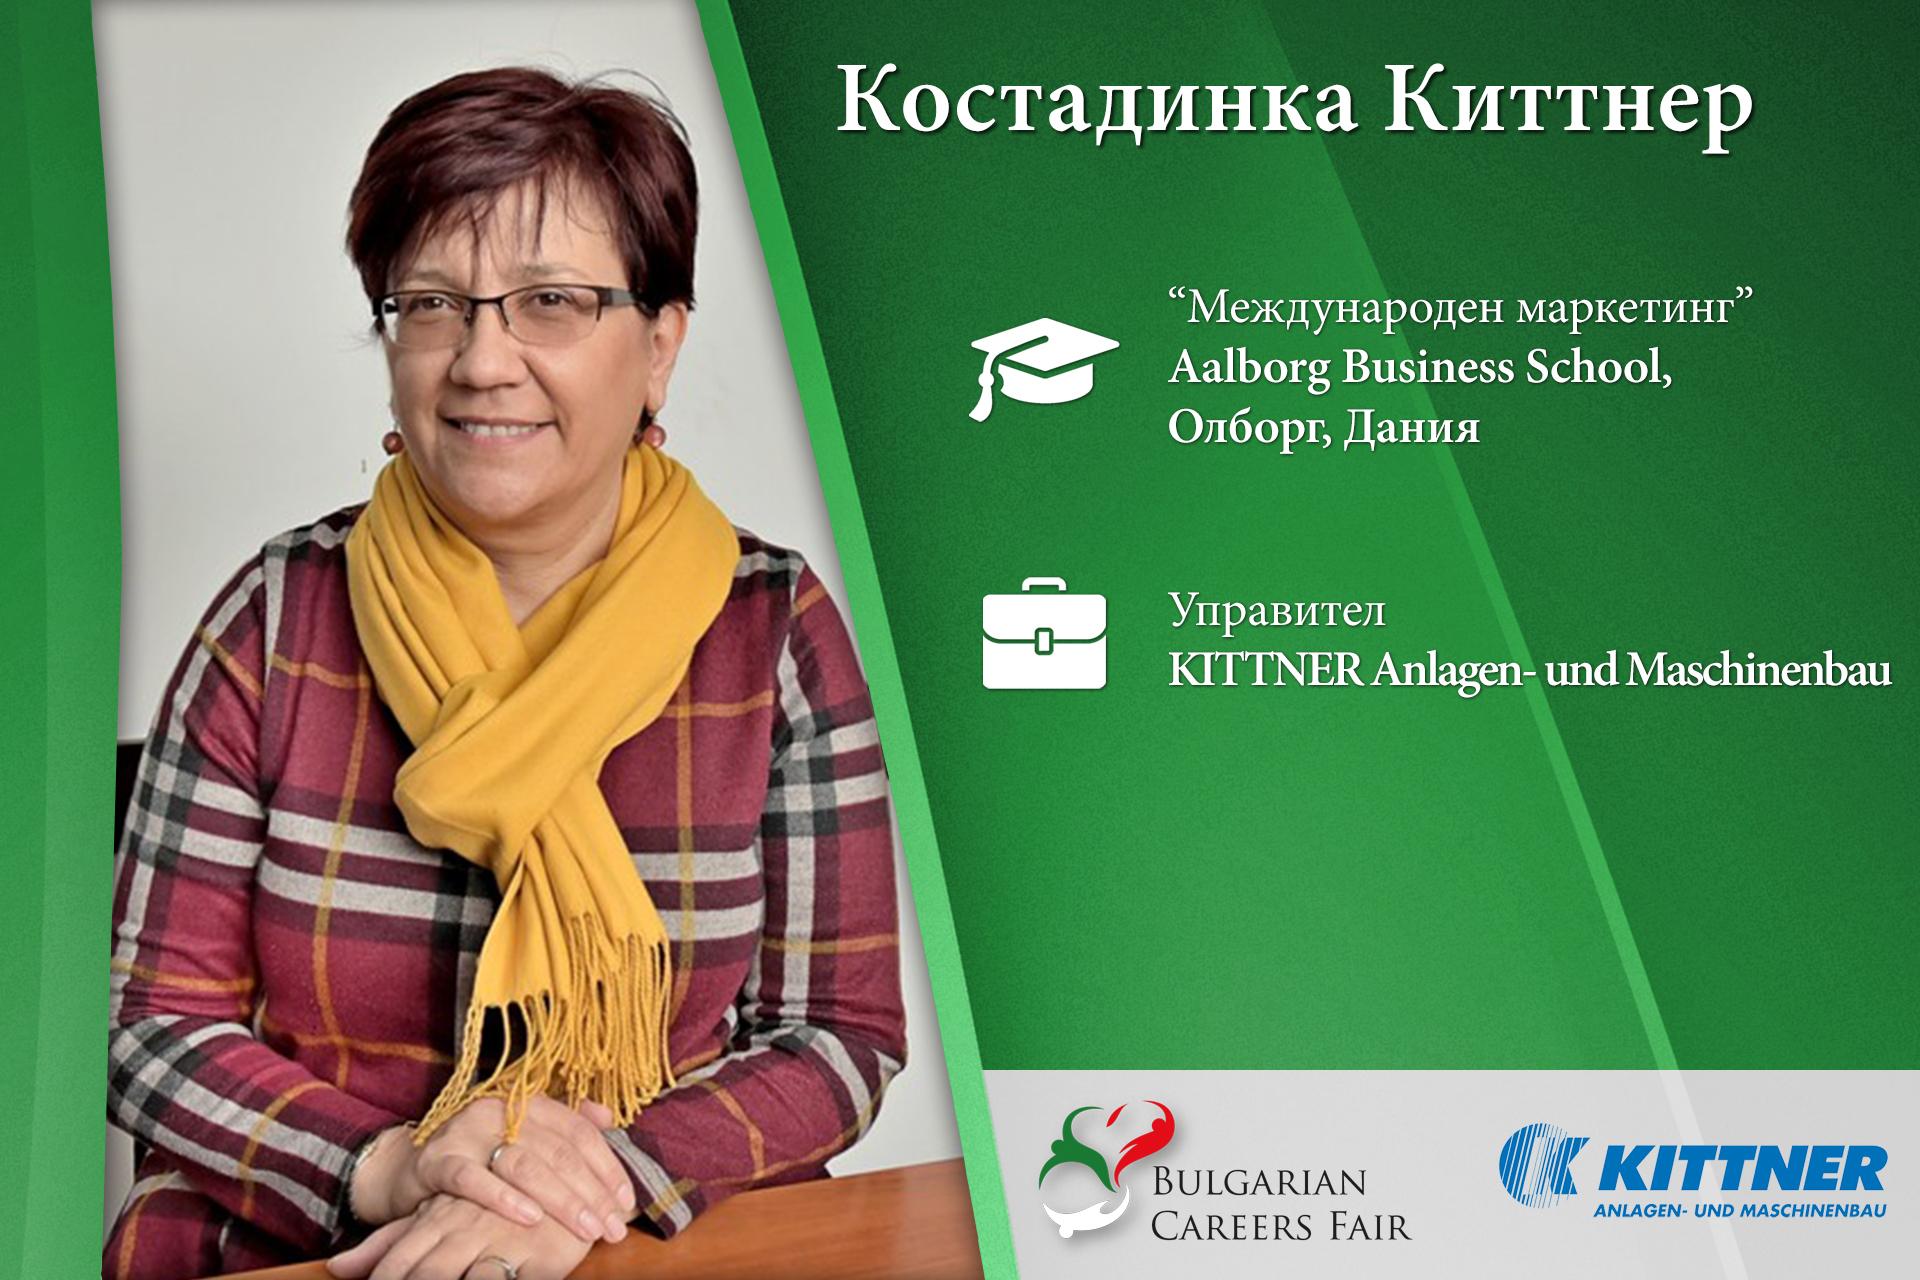 Kostadinka-Kittner_profile